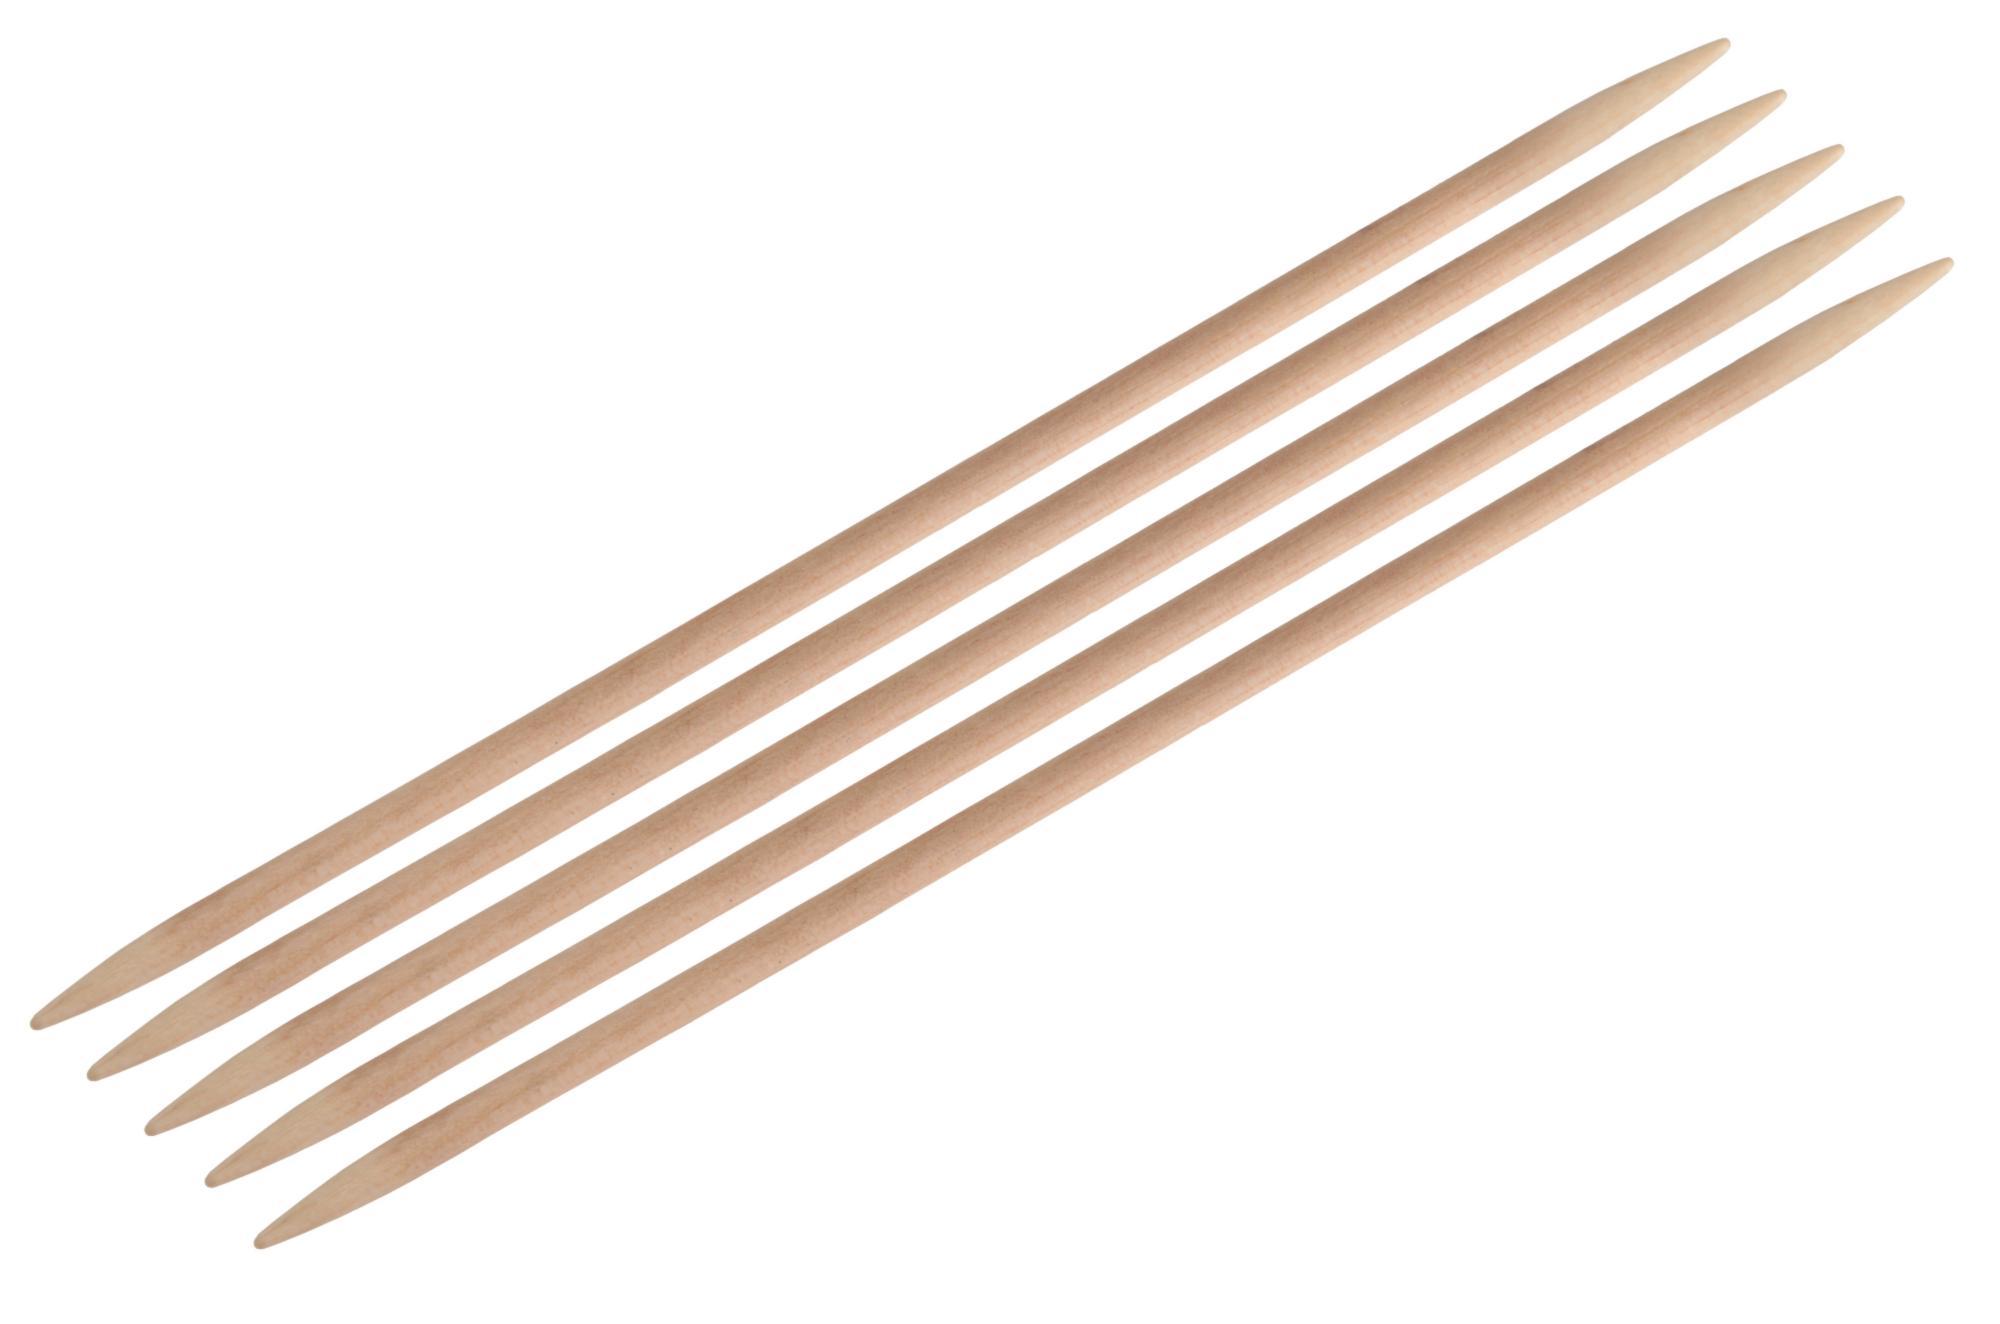 Спицы носочные 20 см Basix Birch Wood KnitPro, 35119, 5.00 мм